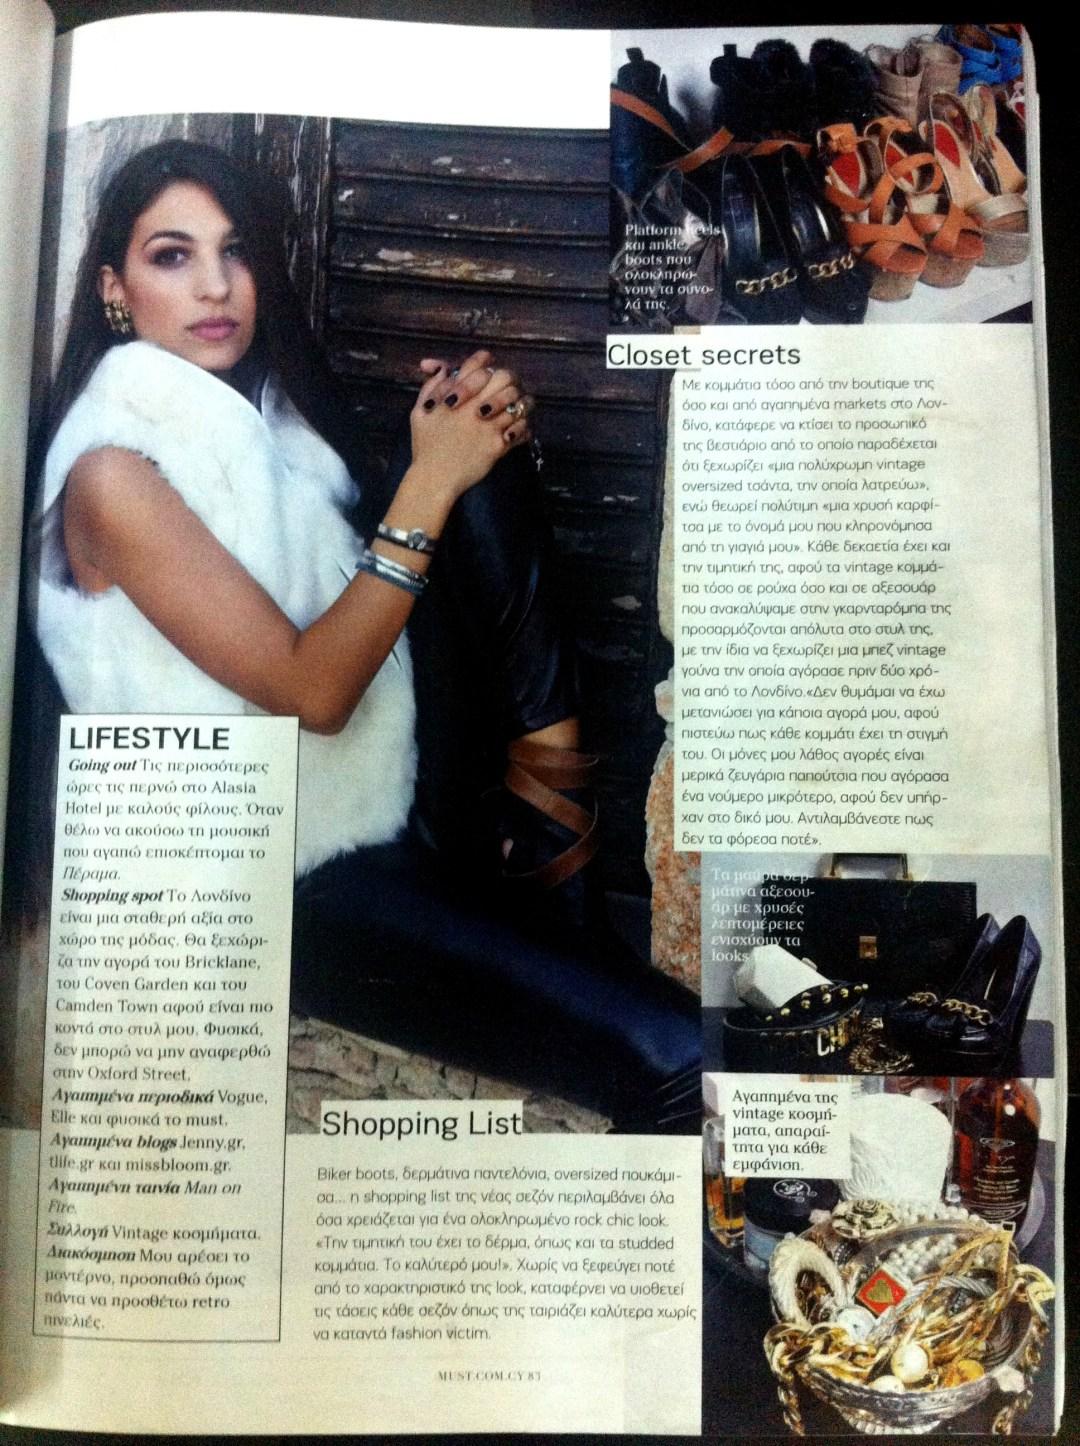 Thelxia-Valeria in Must magazine